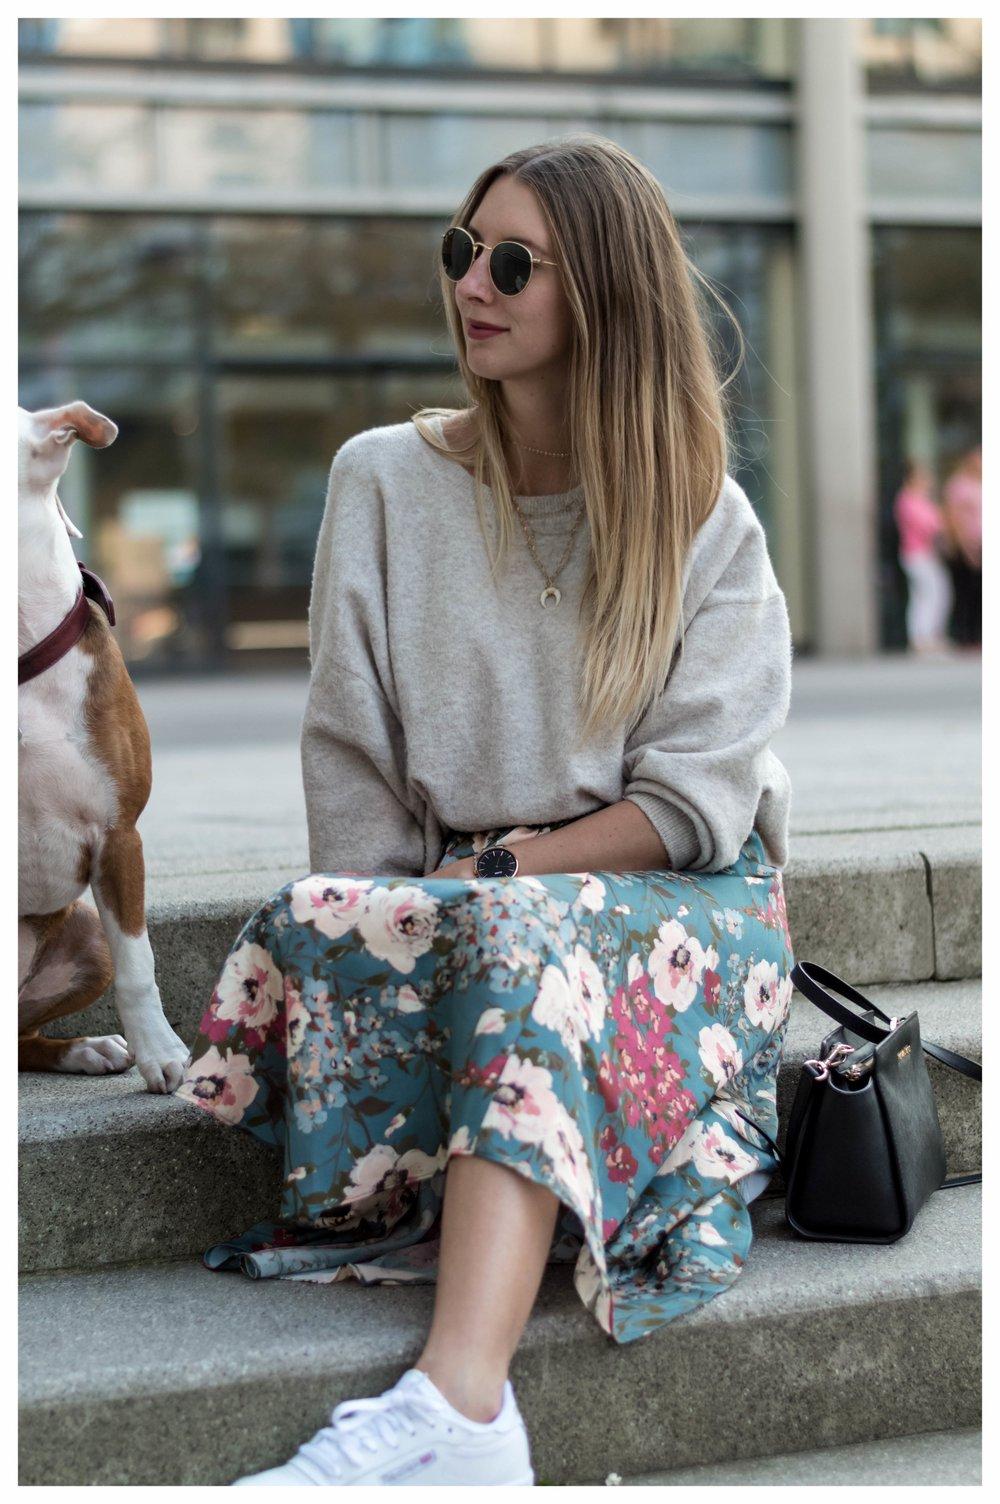 Floral Skirt Lux - OSIARAH.COM (17 sur 21).jpg